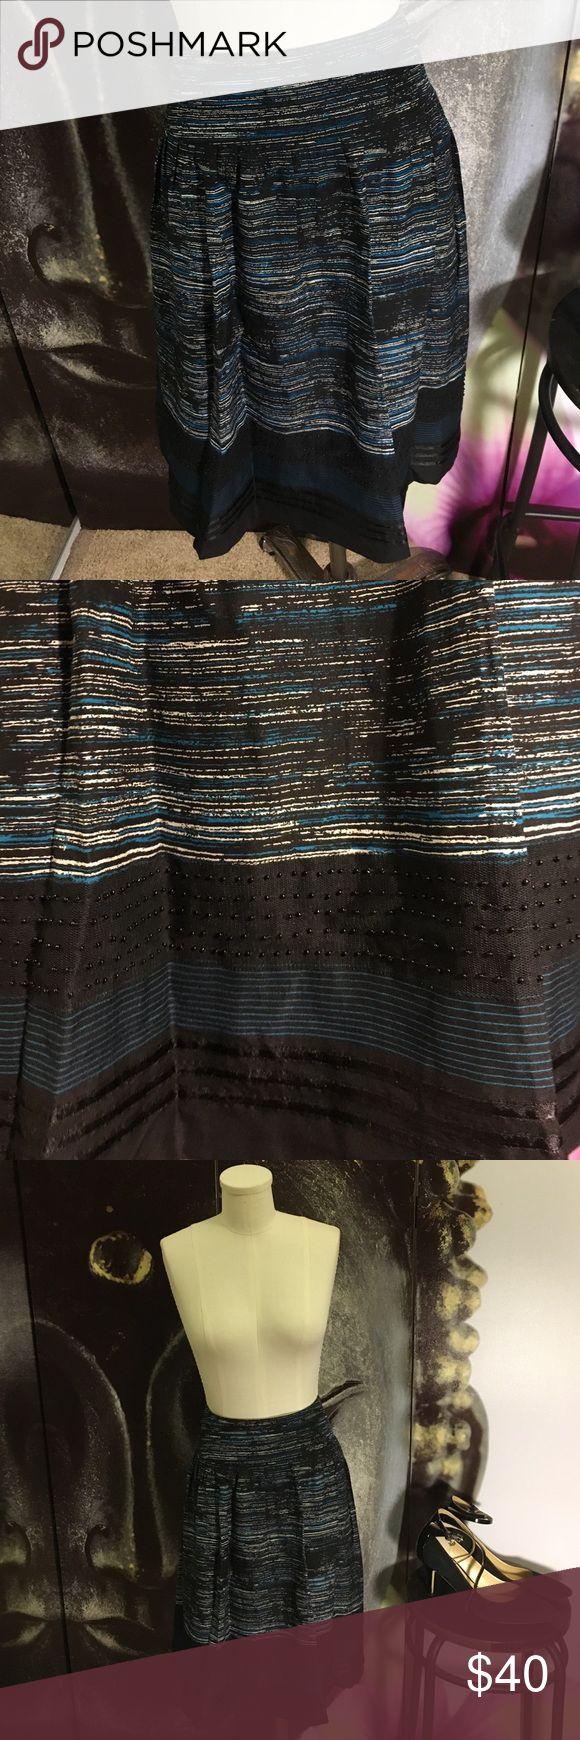 Beautiful Print and Beaded Alfani Petite Skirt Beautiful printed Alfani Petite Skirt. Knee length. Like new. Shell: 81% silk, 19% wool. Size 14P Alfani Skirts